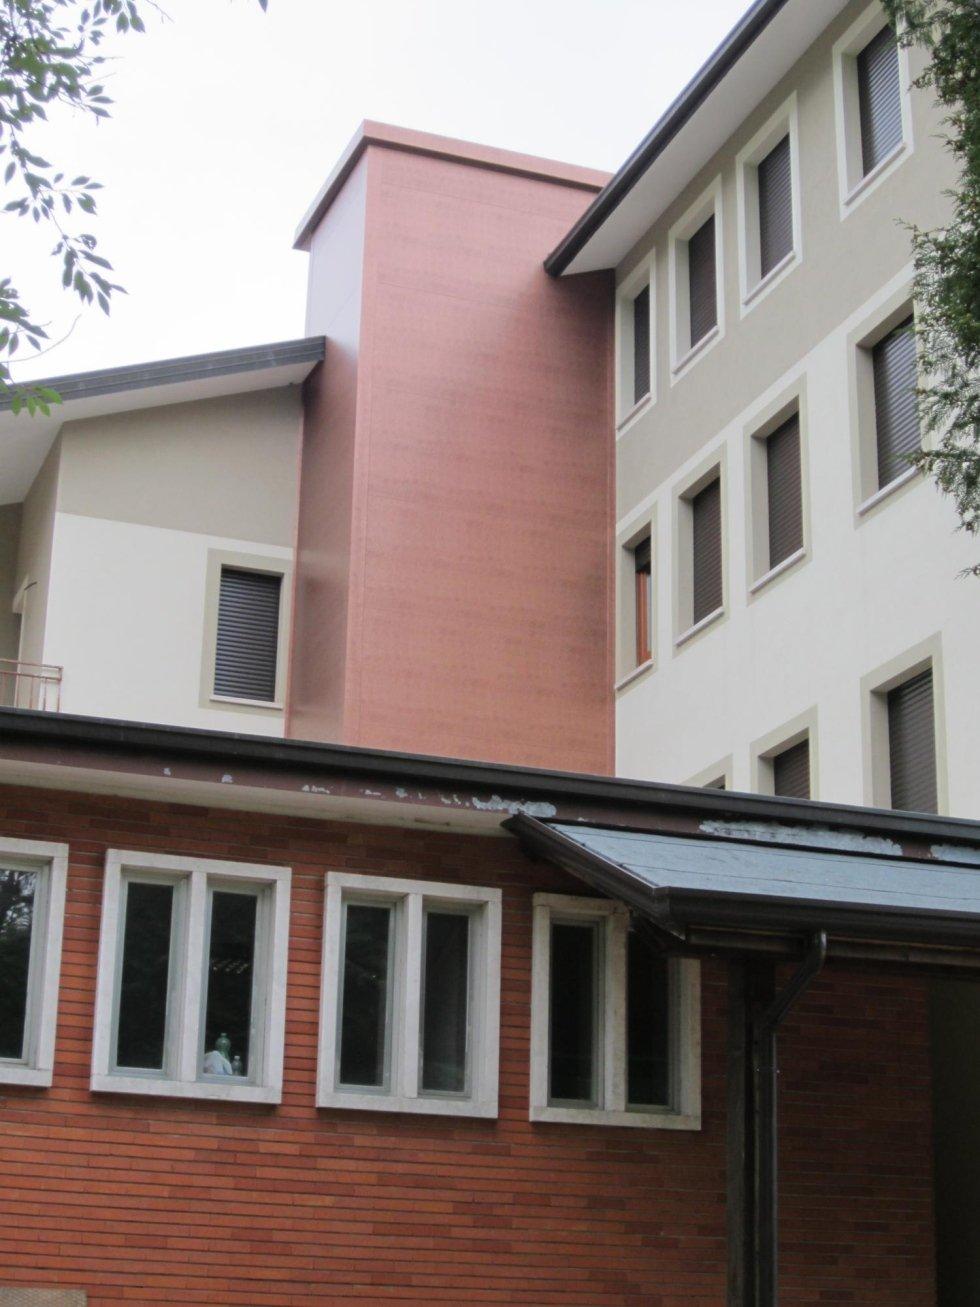 palazzo rosso e grigio, ascensore esterno